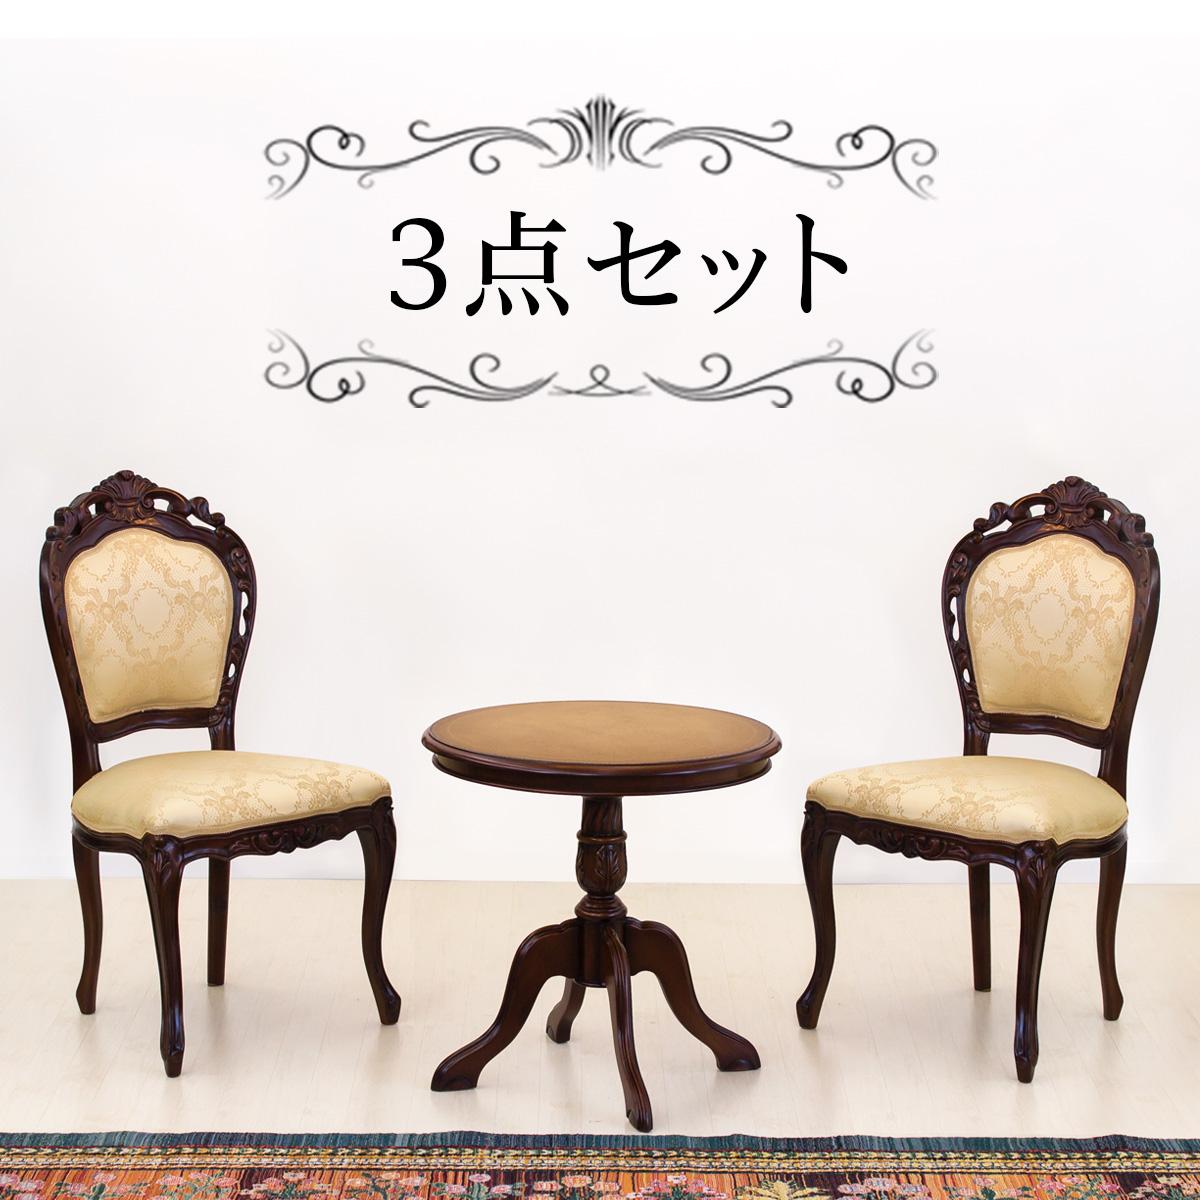 マホガニー ラウンドテーブルセットテーブル1台と肘掛け無しダイニングチェアー2脚のセット 上品 アンティーク調 猫脚チェアー 姫家具 ブラウン茶 アンティーク風テーブル